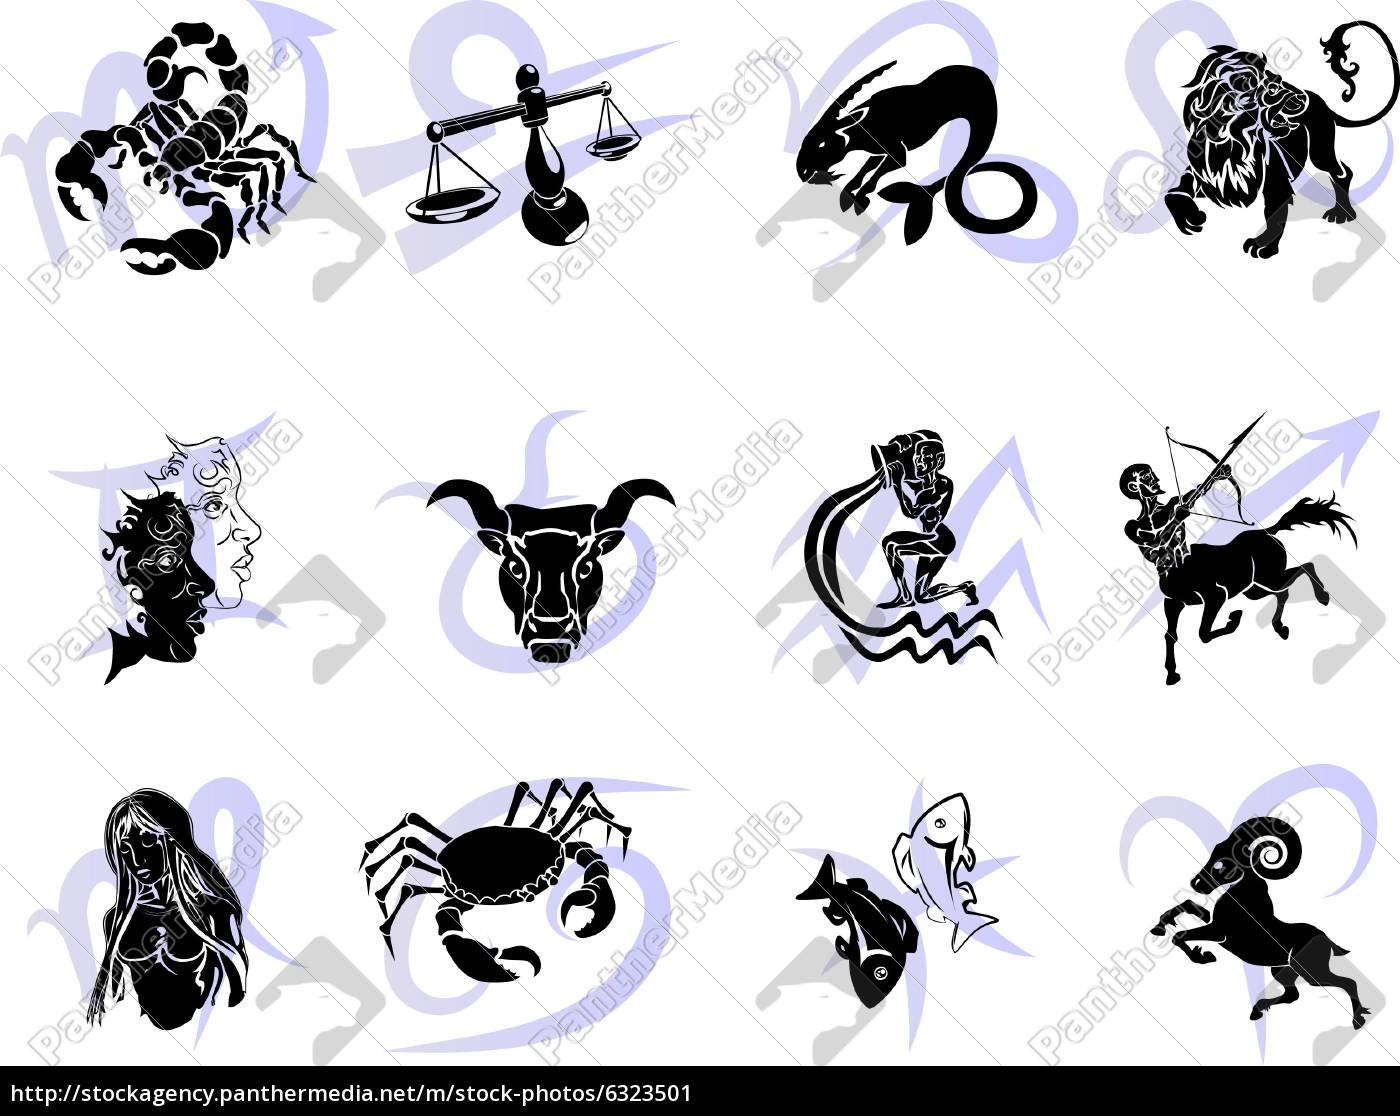 zw lf horoskop sternzeichen sternzeichen lizenzfreies bild 6323501 bildagentur panthermedia. Black Bedroom Furniture Sets. Home Design Ideas